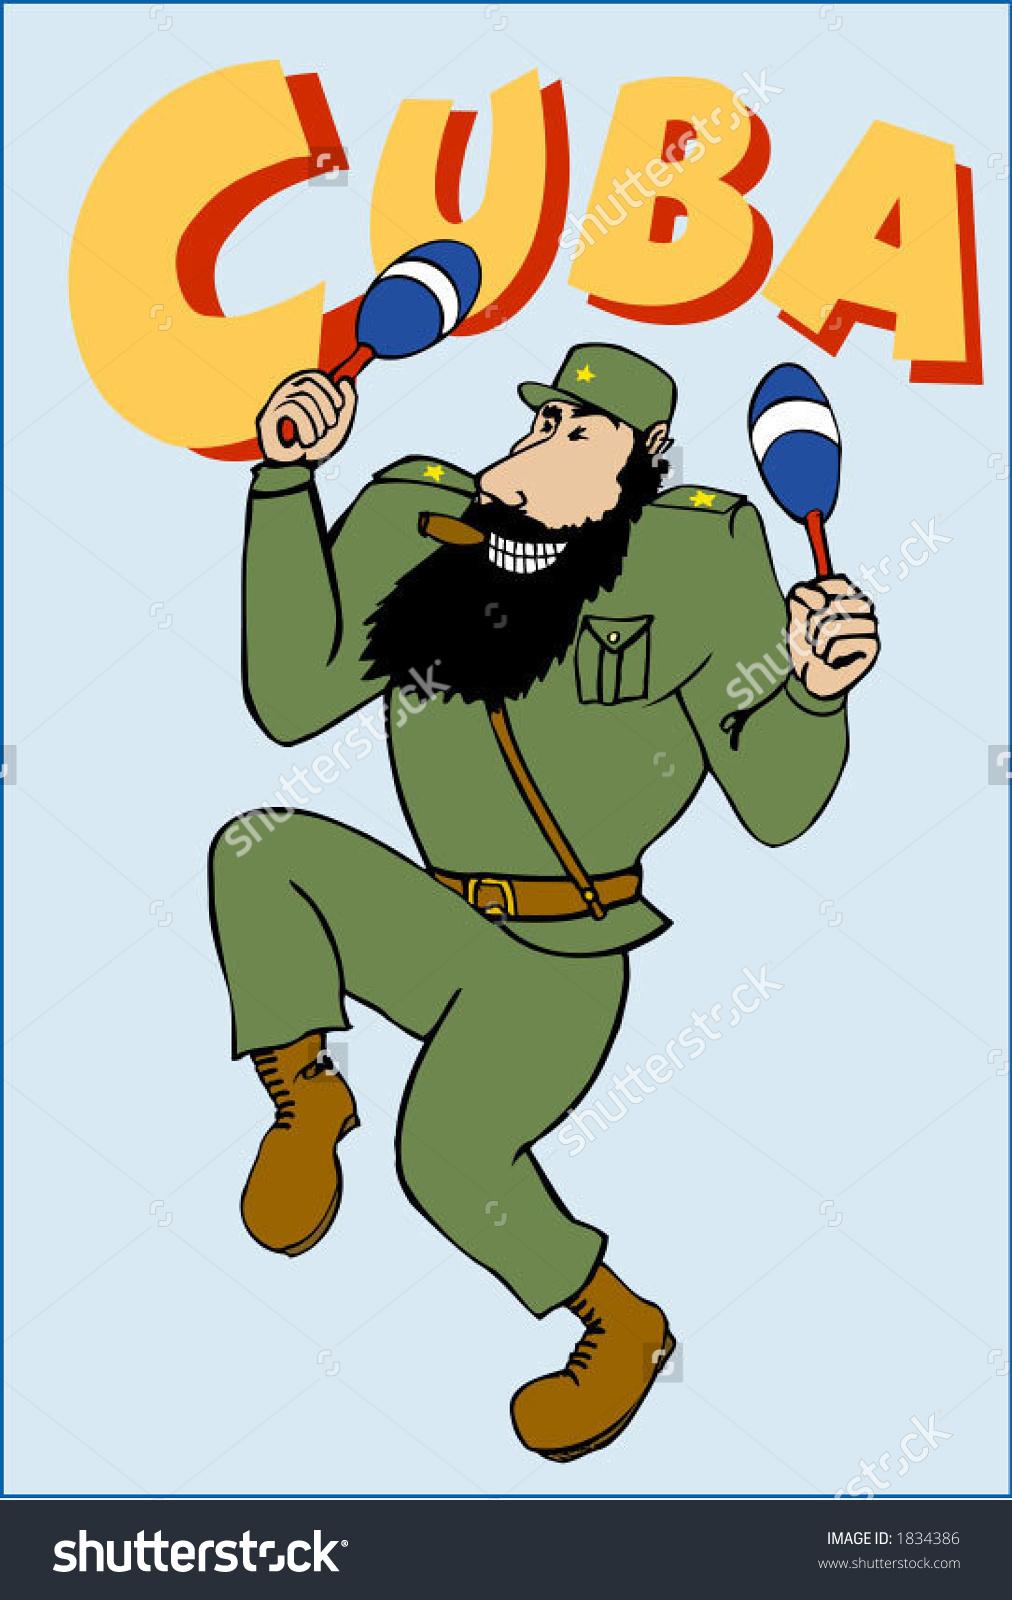 Fidel Castro Stock Vector 1834386.